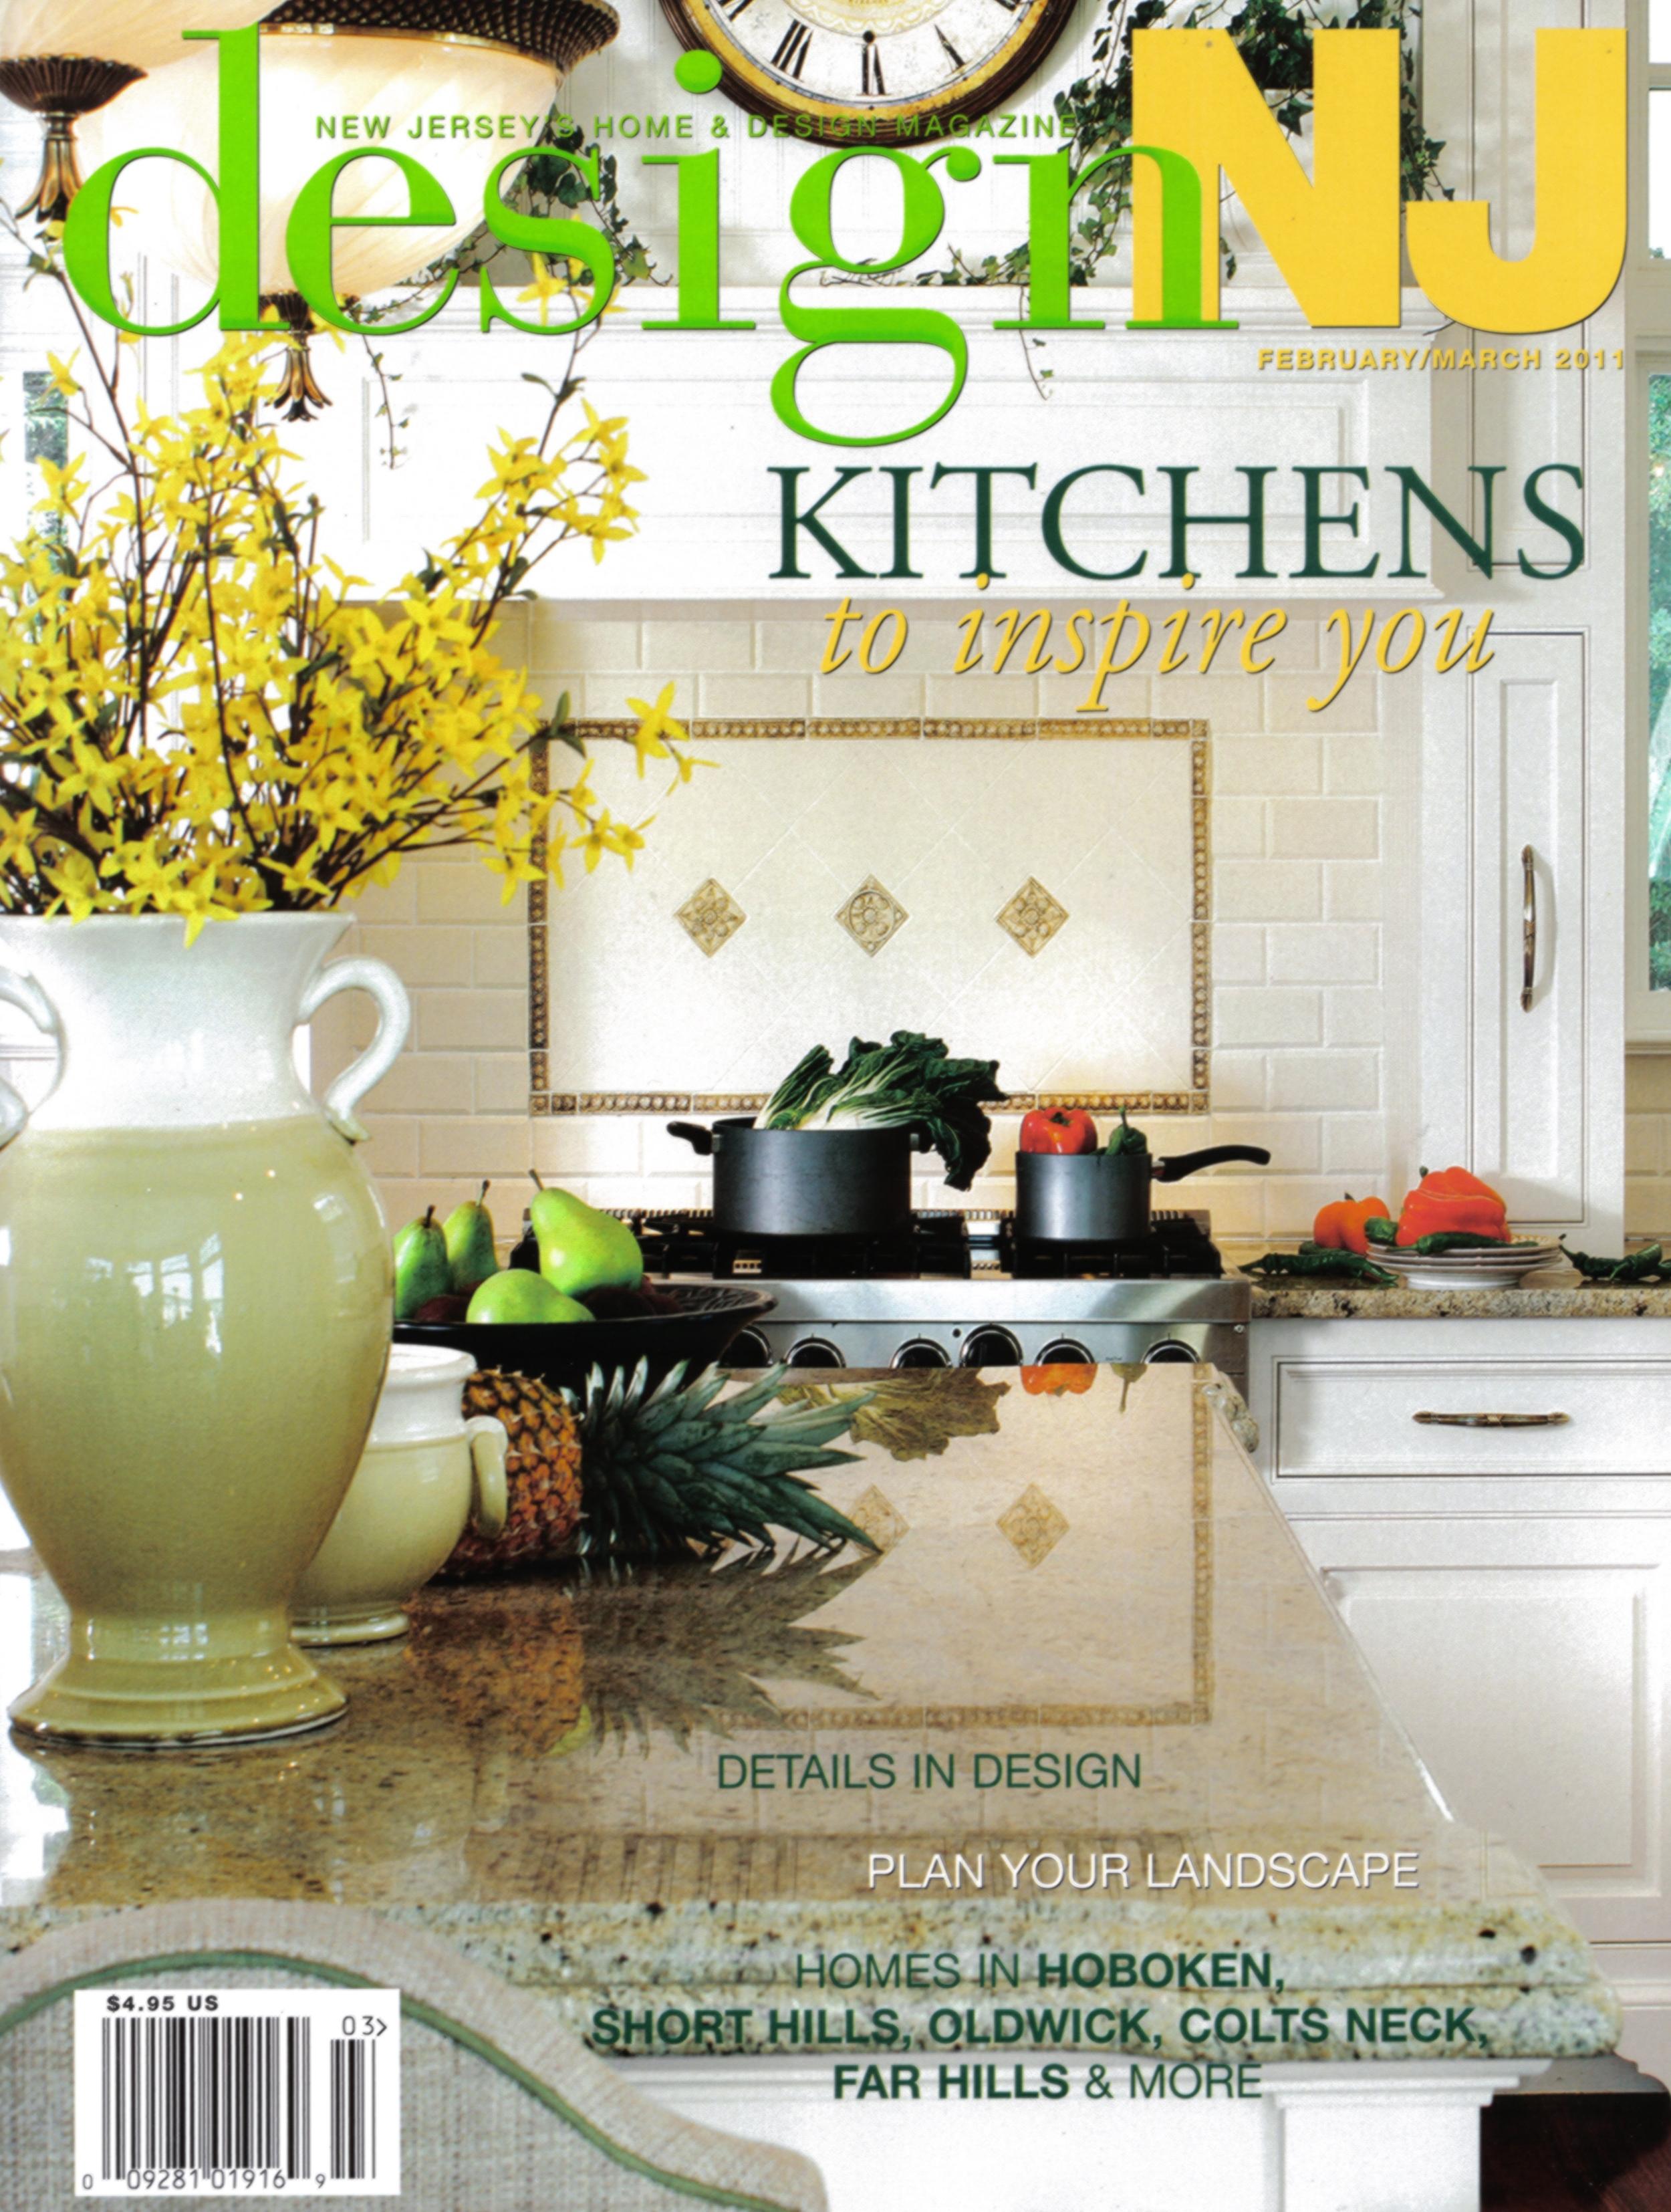 Design_NJ_cover_feb_mar_2011_hi_res.jpg